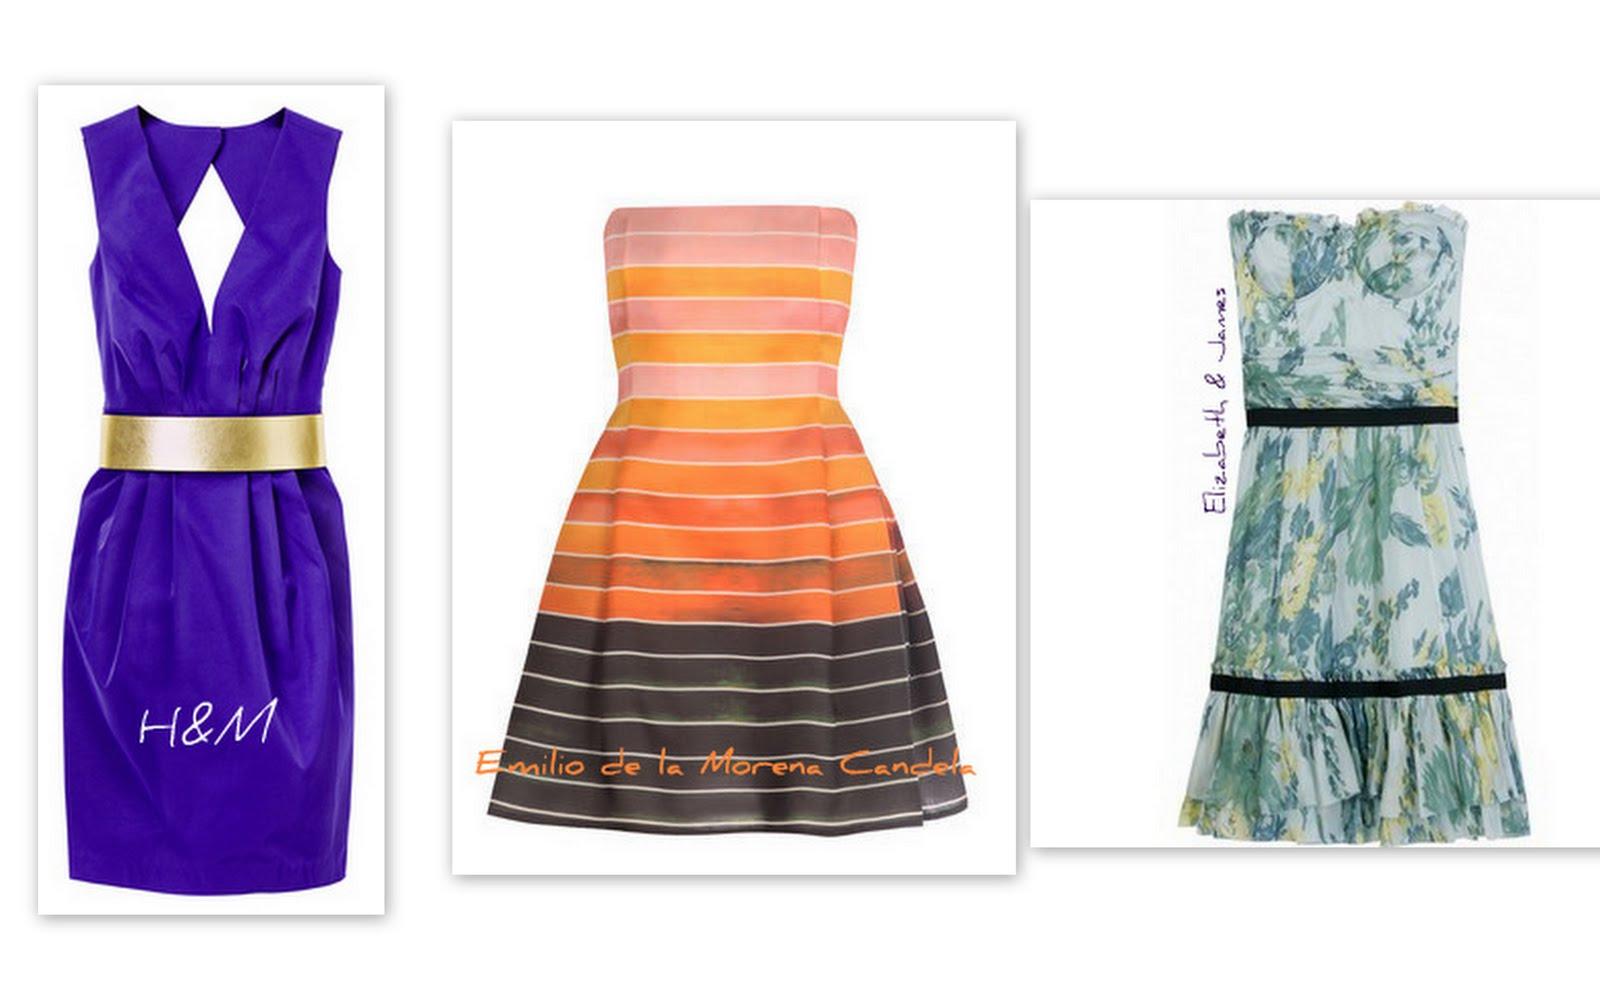 http://1.bp.blogspot.com/-CK-PYDsn1ck/Tbmg70VZLXI/AAAAAAAABlI/i80knJf3yBA/s1600/Montage+robes+naturellement+belle.jpg